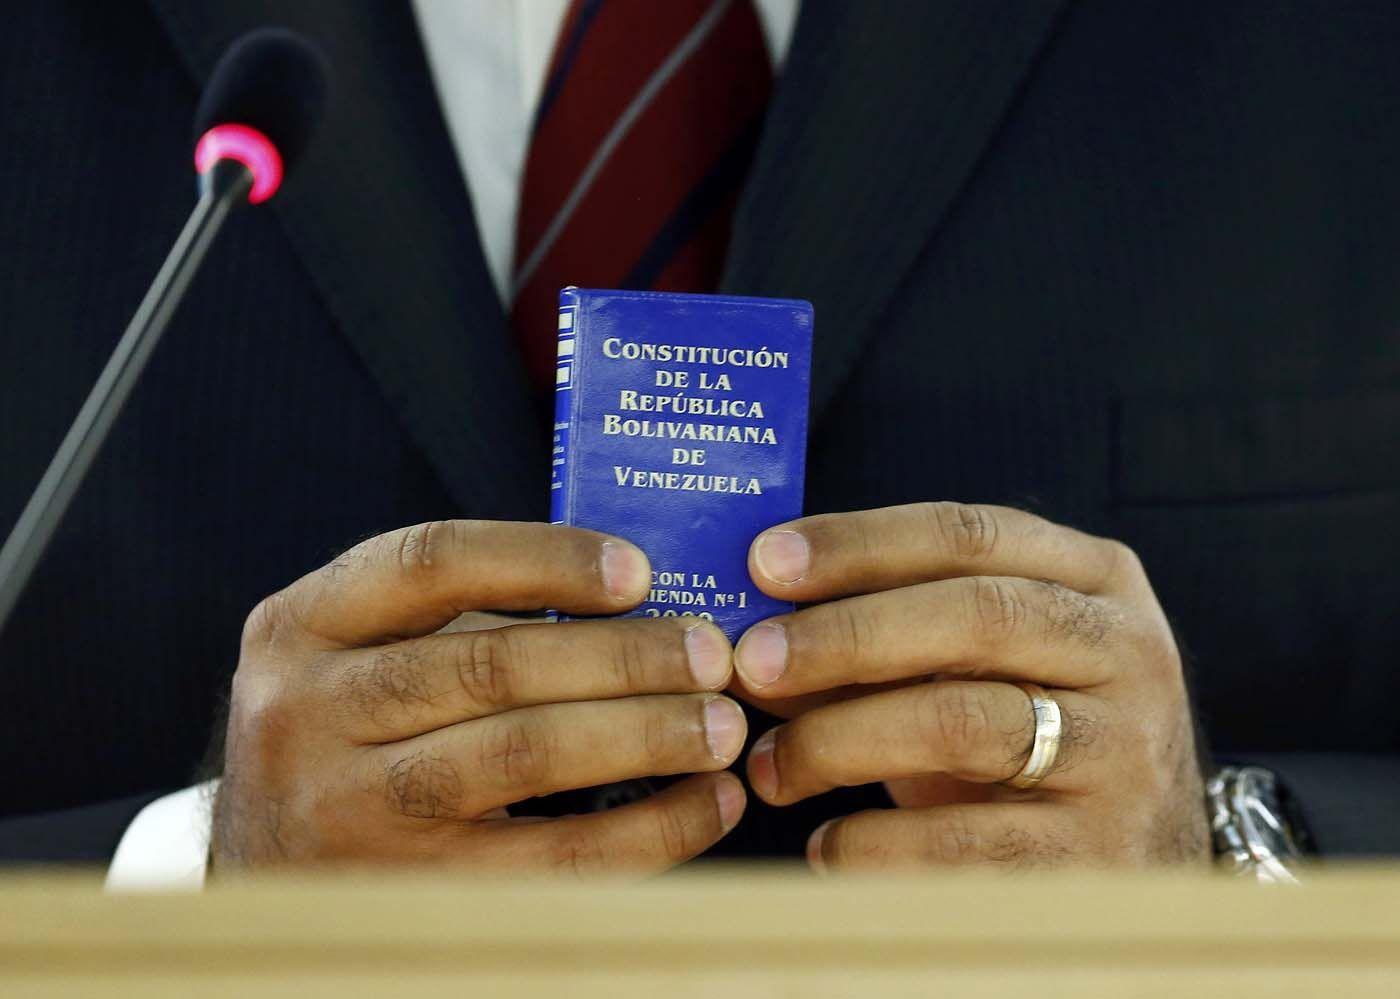 Restitución del Hilo Constitucional en Venezuela - http://www.notiexpresscolor.com/2016/11/07/restitucion-del-hilo-constitucional-en-venezuela/